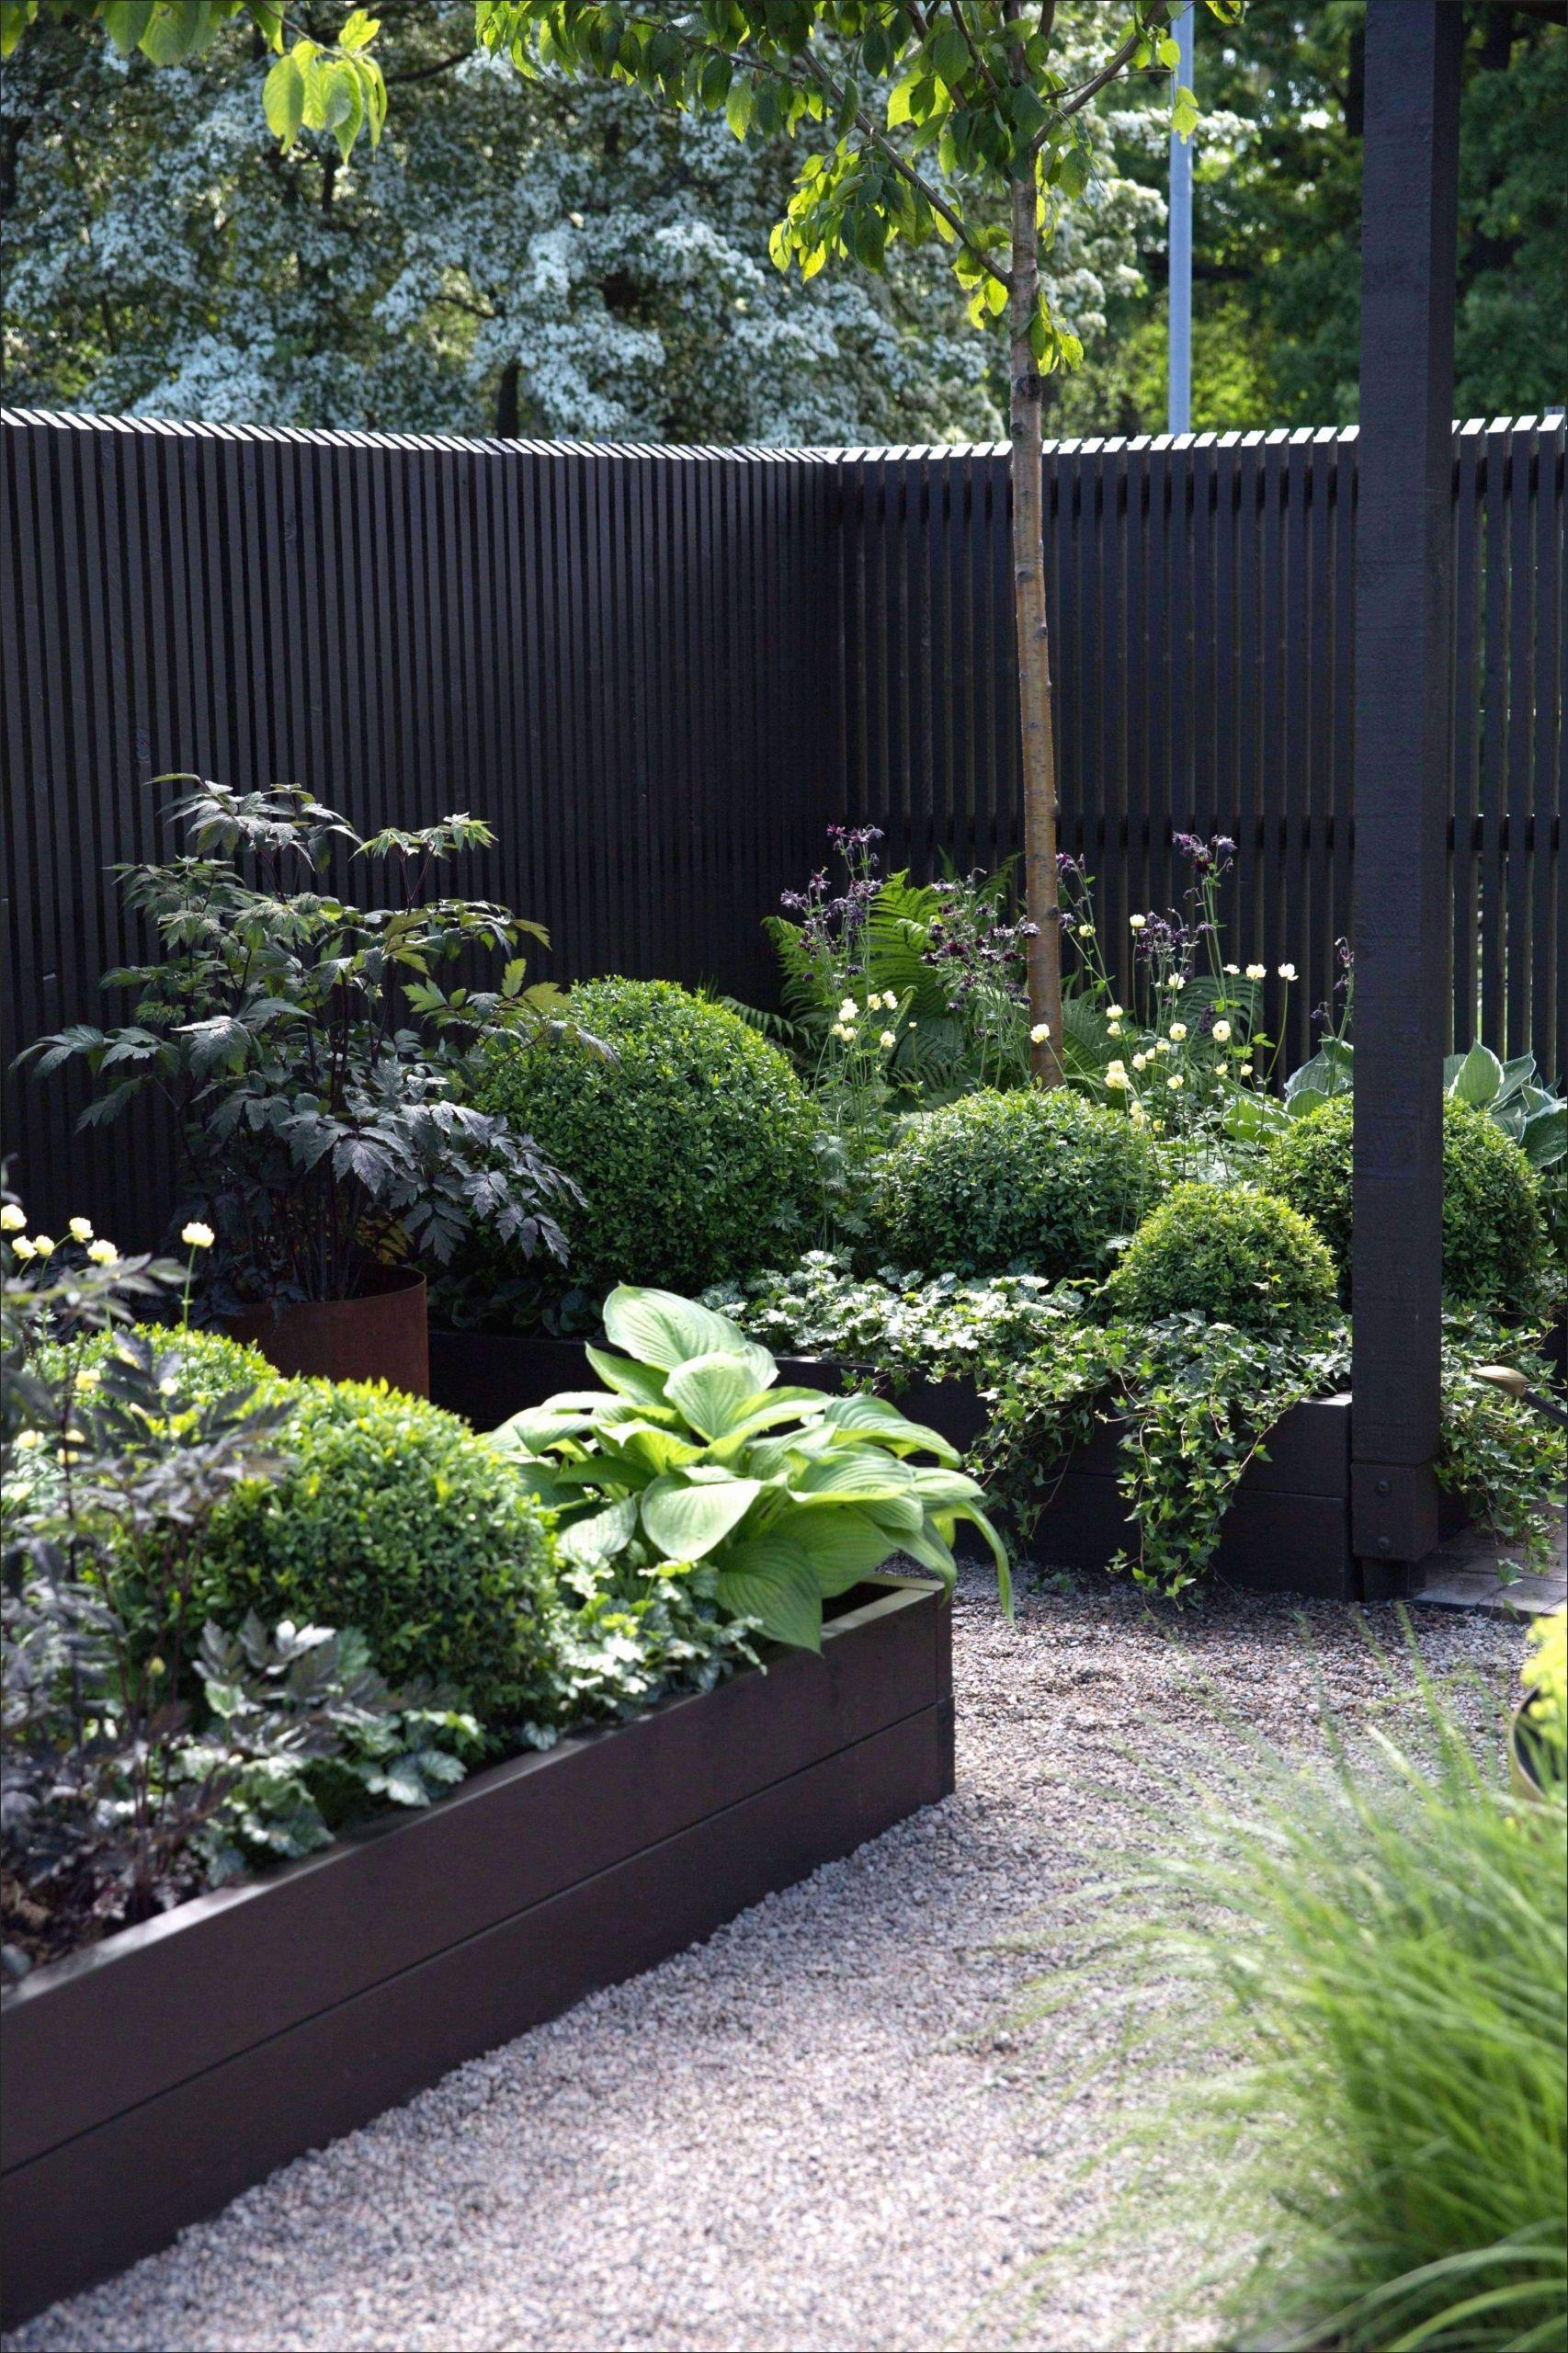 Origineller Sichtschutz Garten Schön 26 Inspirierend origineller Sichtschutz Garten Einzigartig